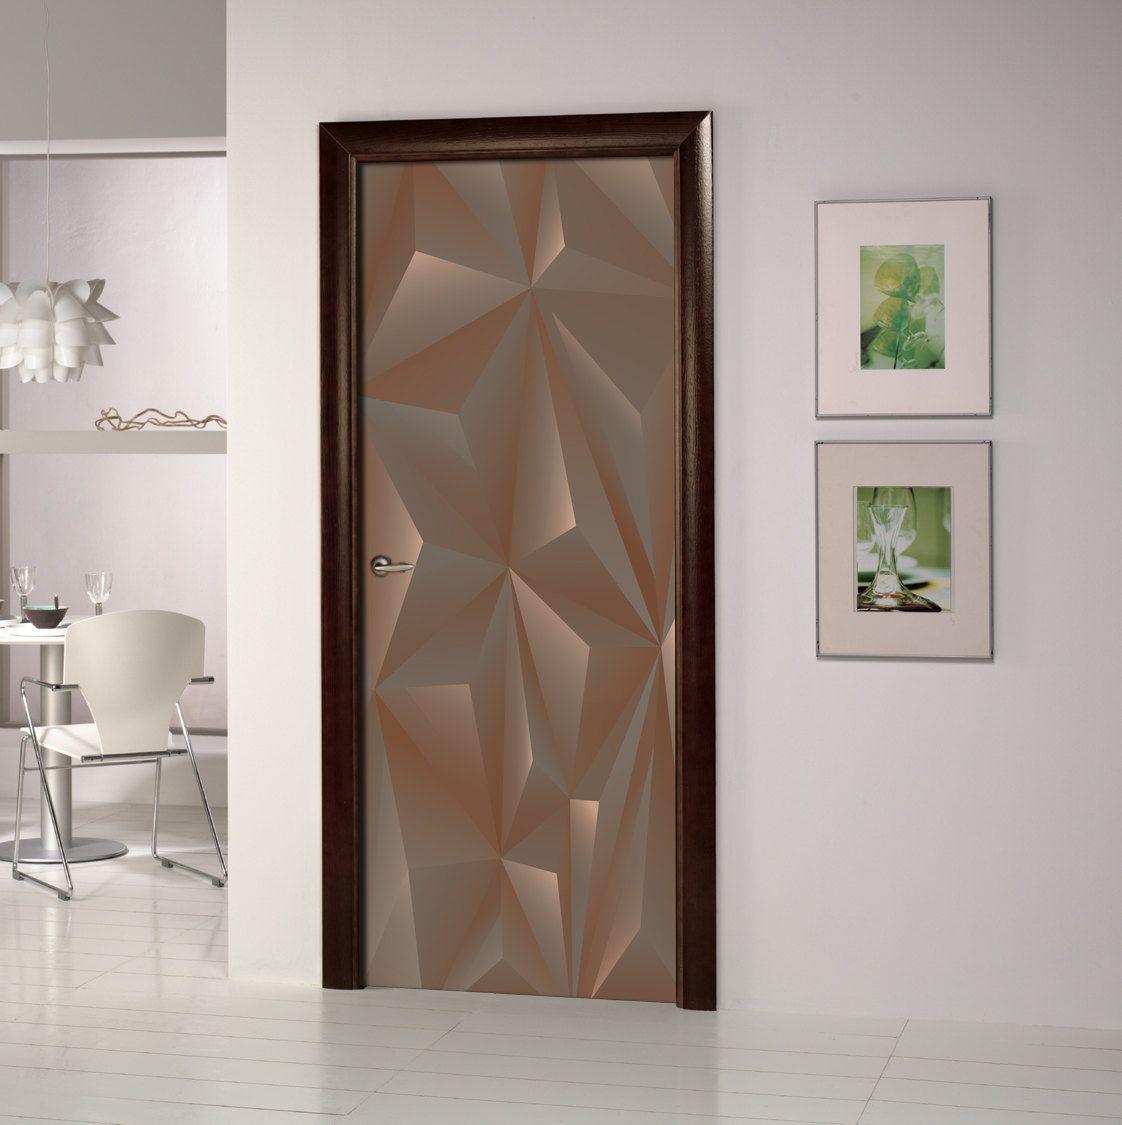 Door wall sticker - 3D Self-Adhesive Vinyl Mural - Self Adhesive Peel \u0026 Stick & Door wall sticker - 3D Self-Adhesive Vinyl Mural - Self Adhesive ...